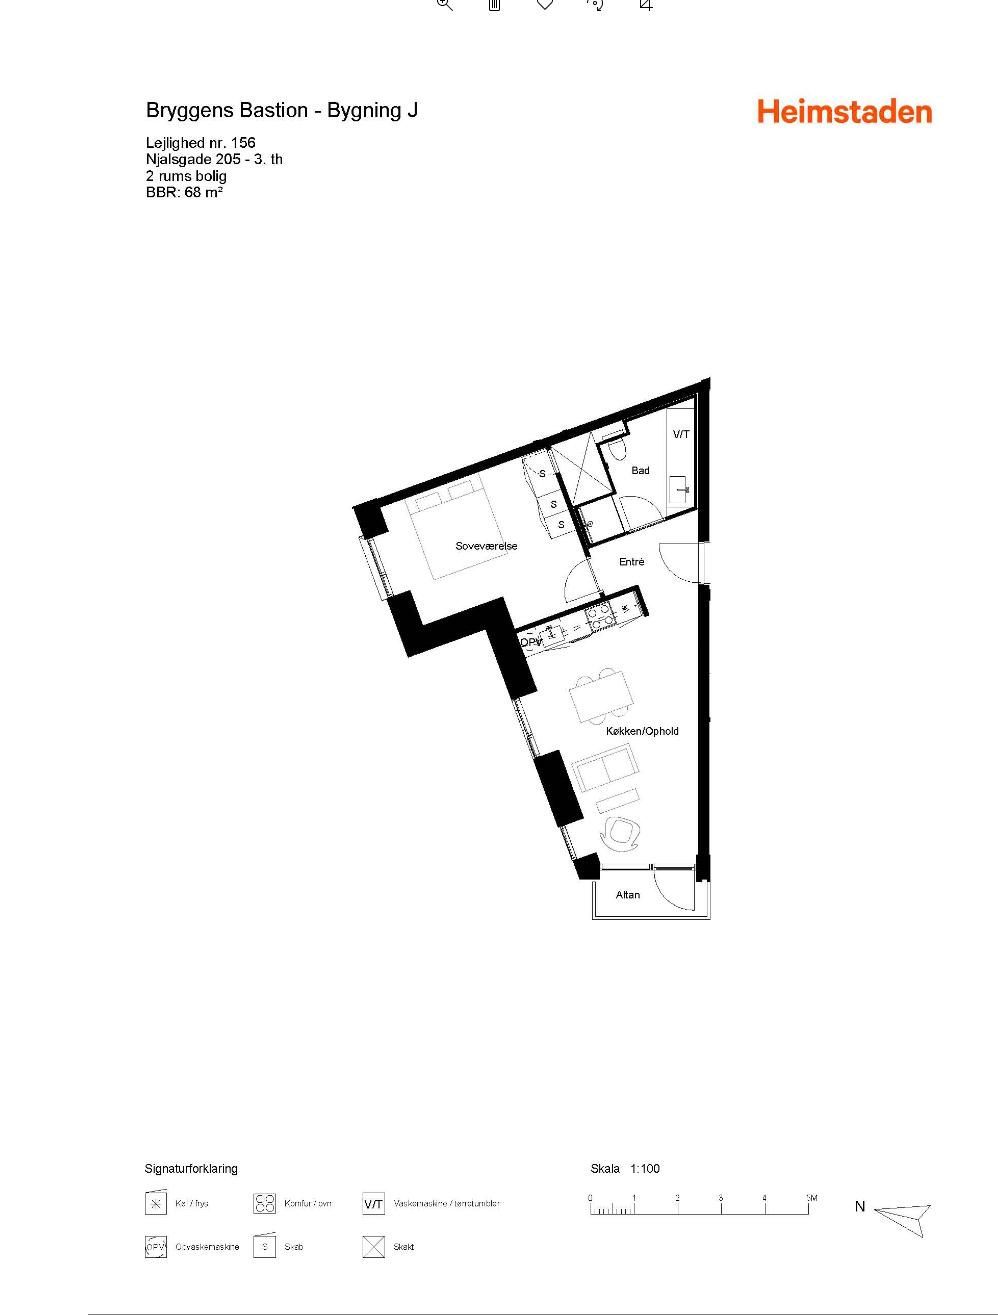 Plantegning for Njalsgade 205, 3. th., 2300 København S